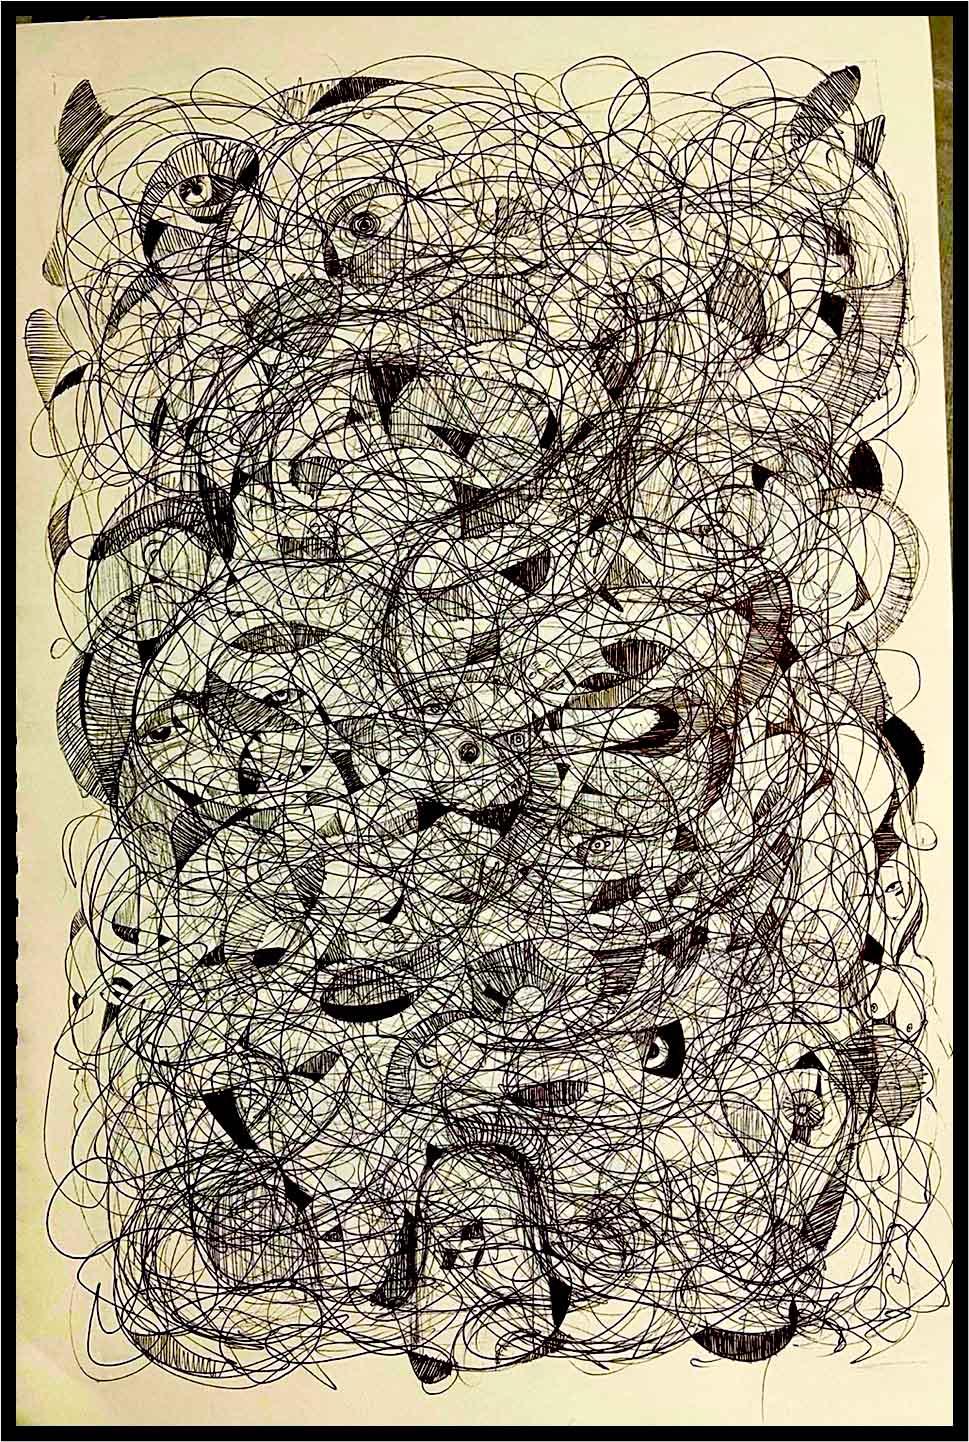 Dance of the serpent by Umang Sakar